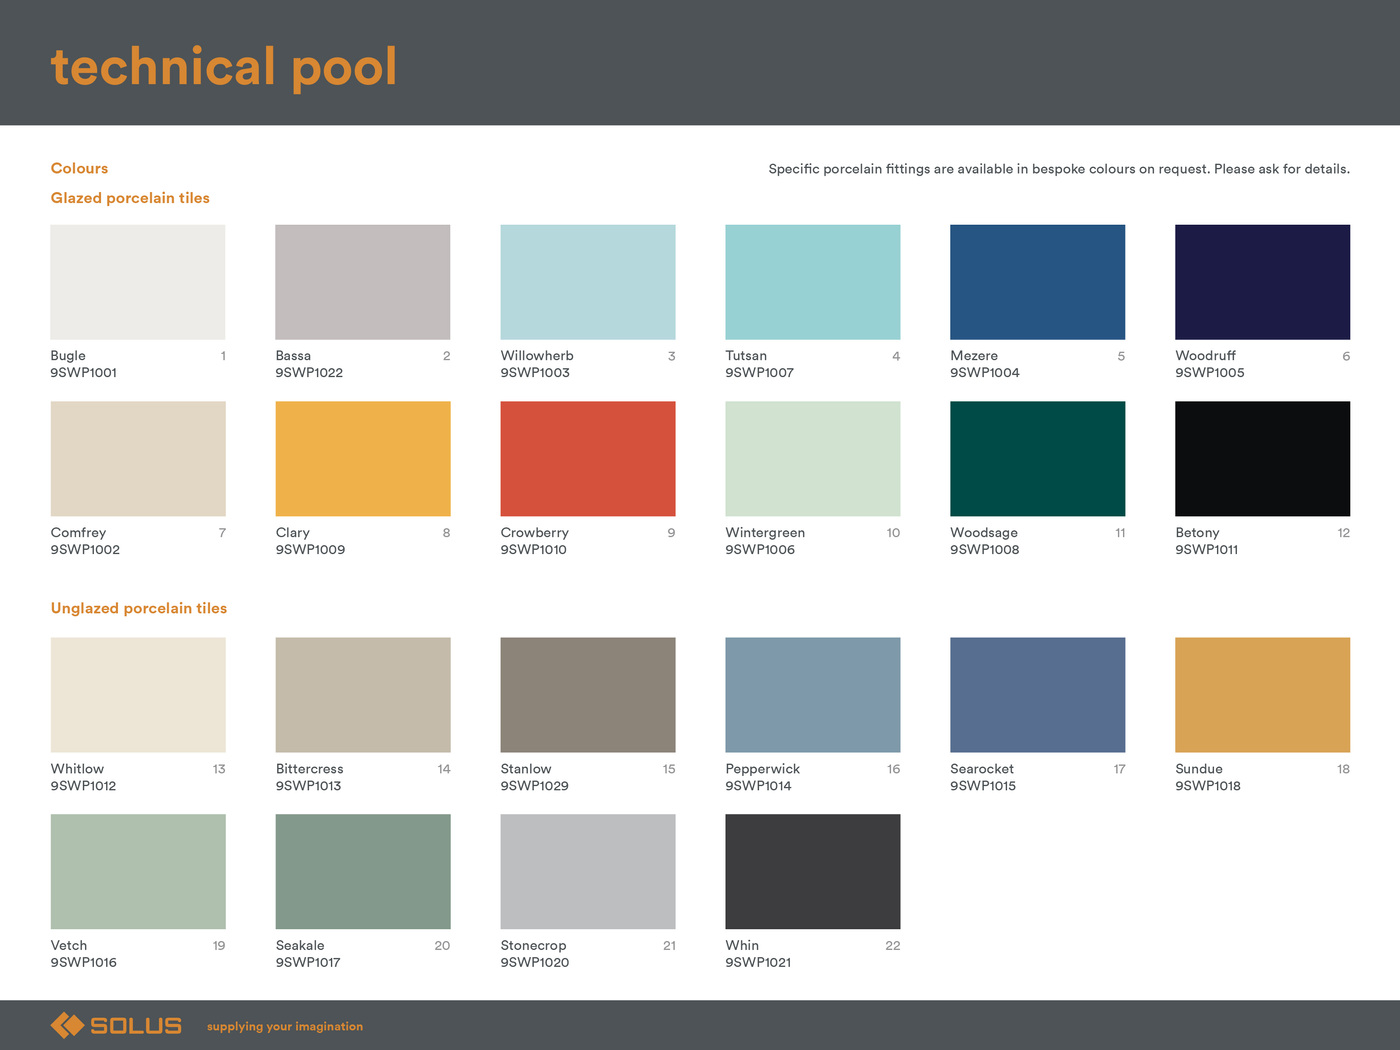 Lara-Jane van Antwerpen - Digital Brochure - Technical Pool 2